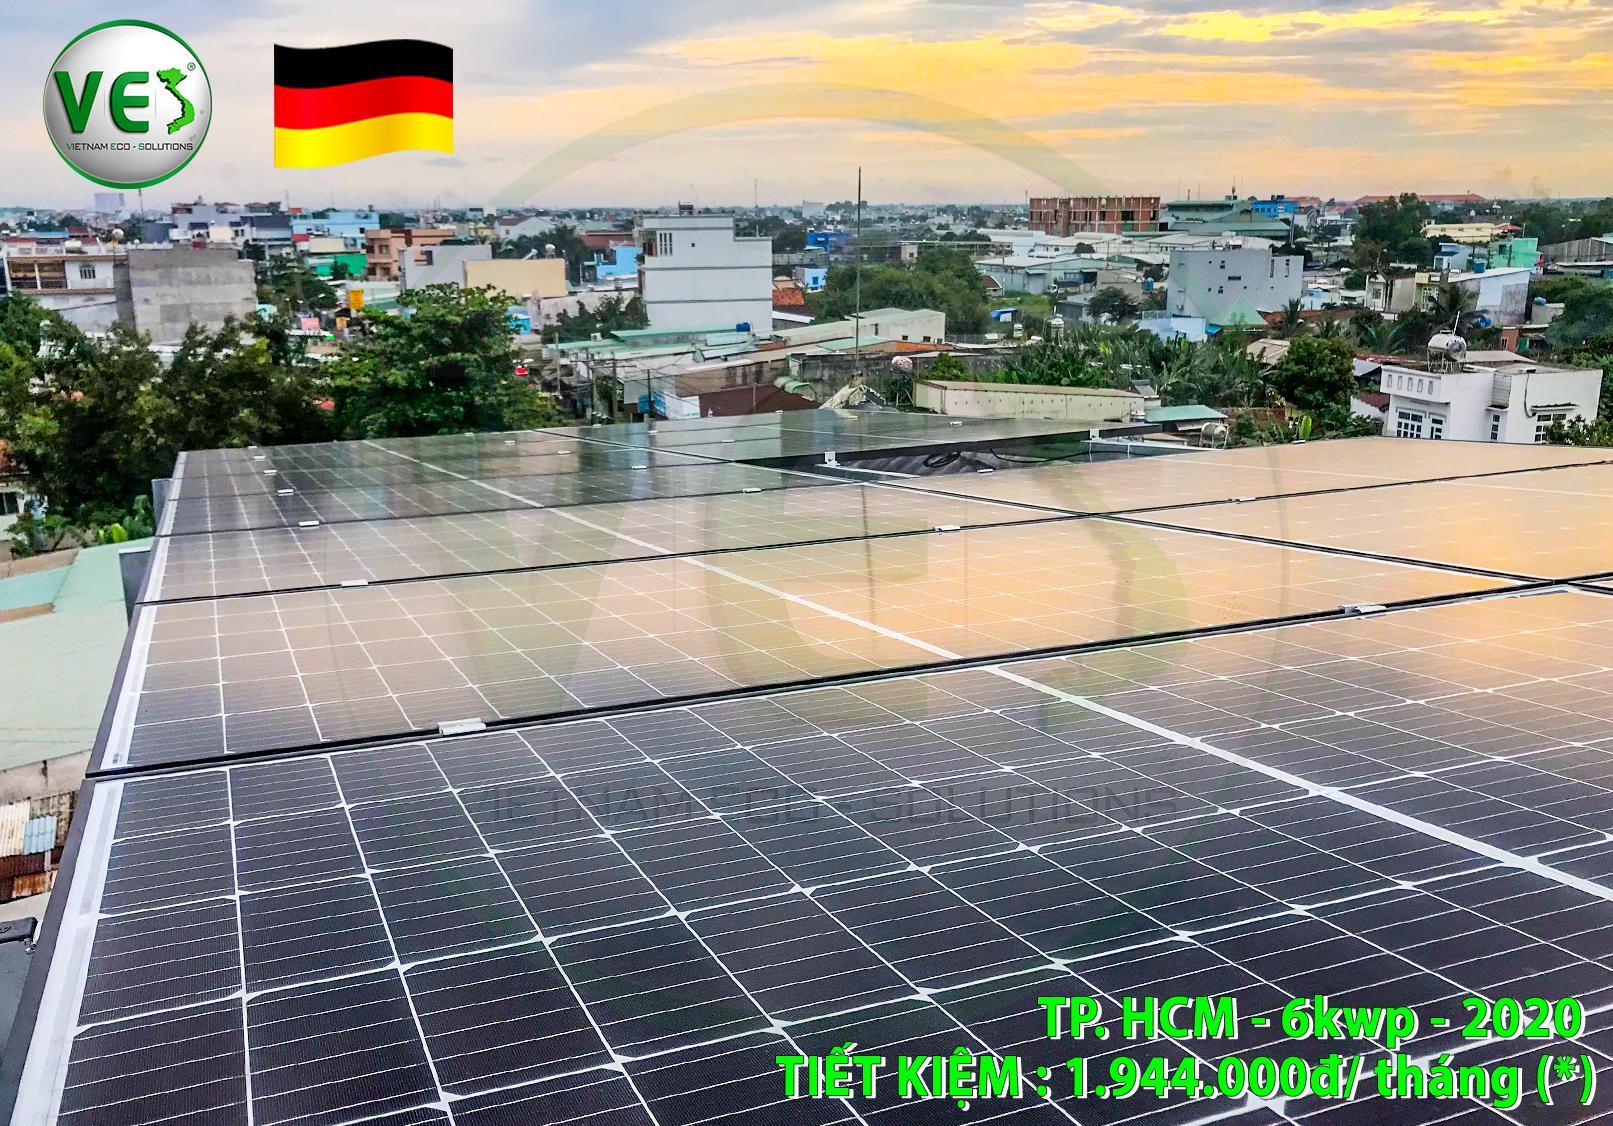 VES lắp điện năng lượng mặt trời cho khách hàng